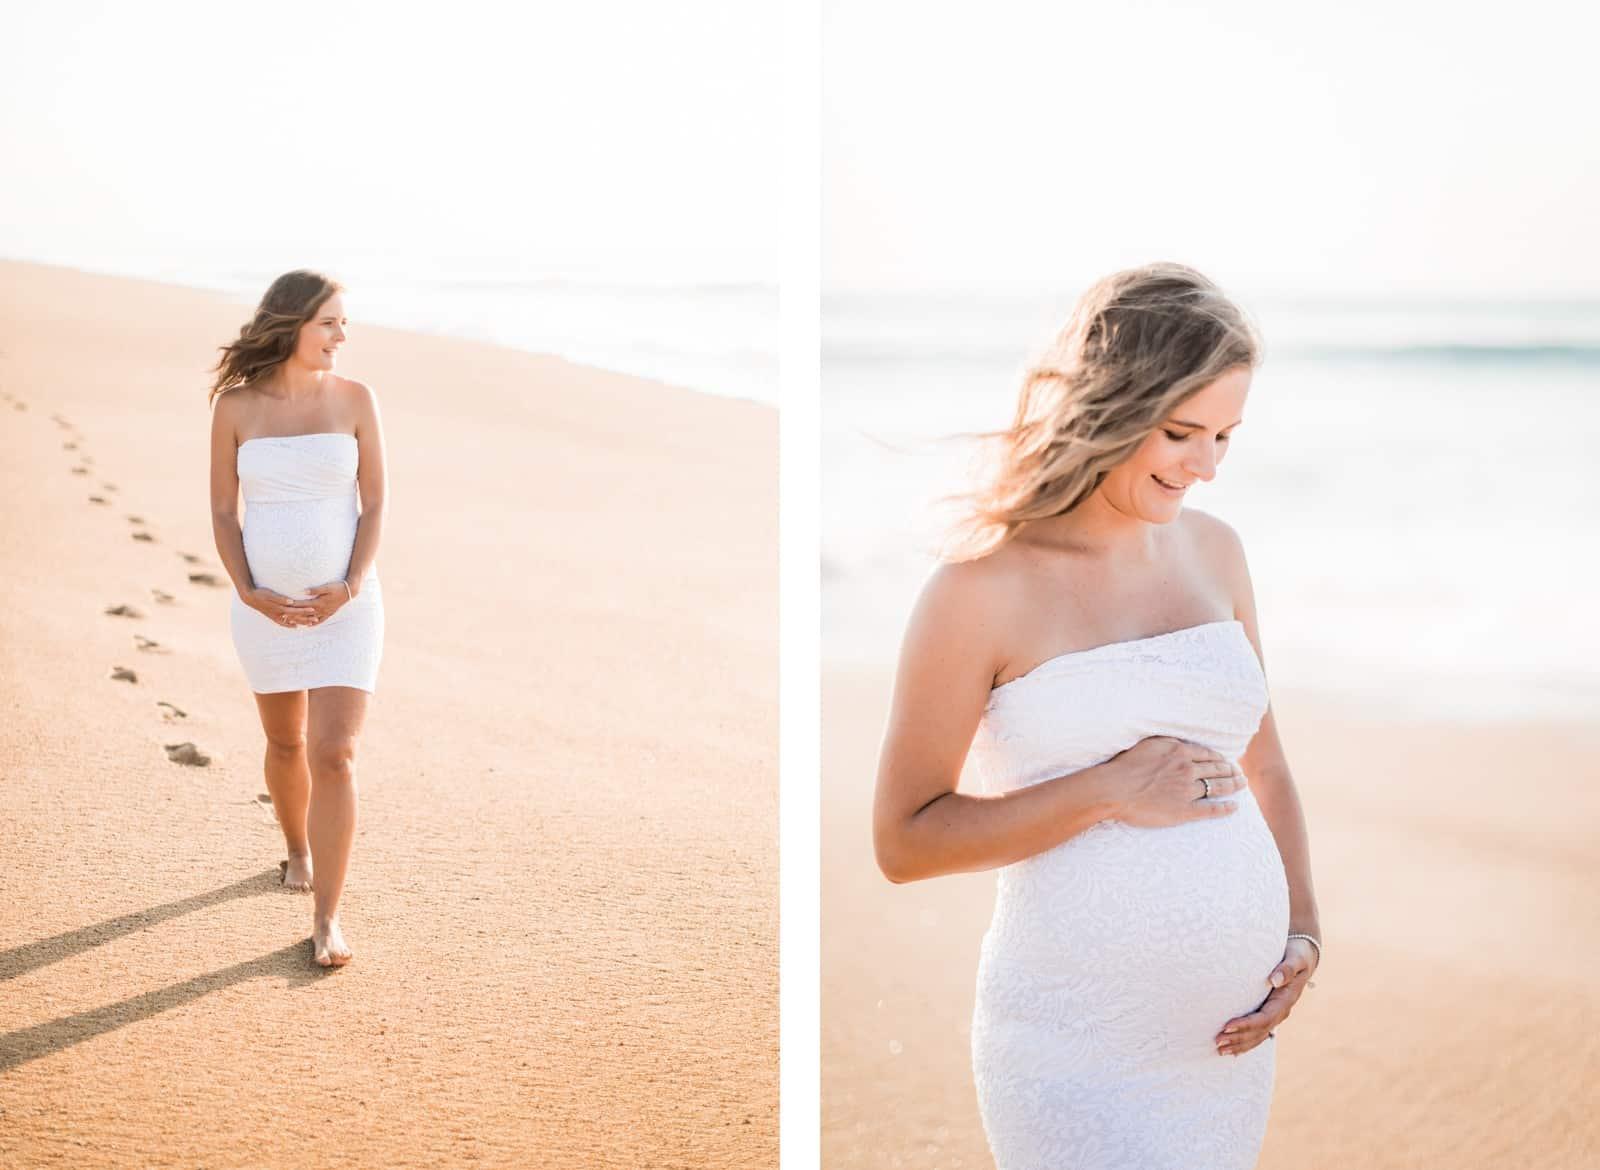 Photographie de Mathieu Dété, photographe de couple et grossesse à Saint-Pierre de la Réunion 974, présentant un portrait d'une future maman sur la plage